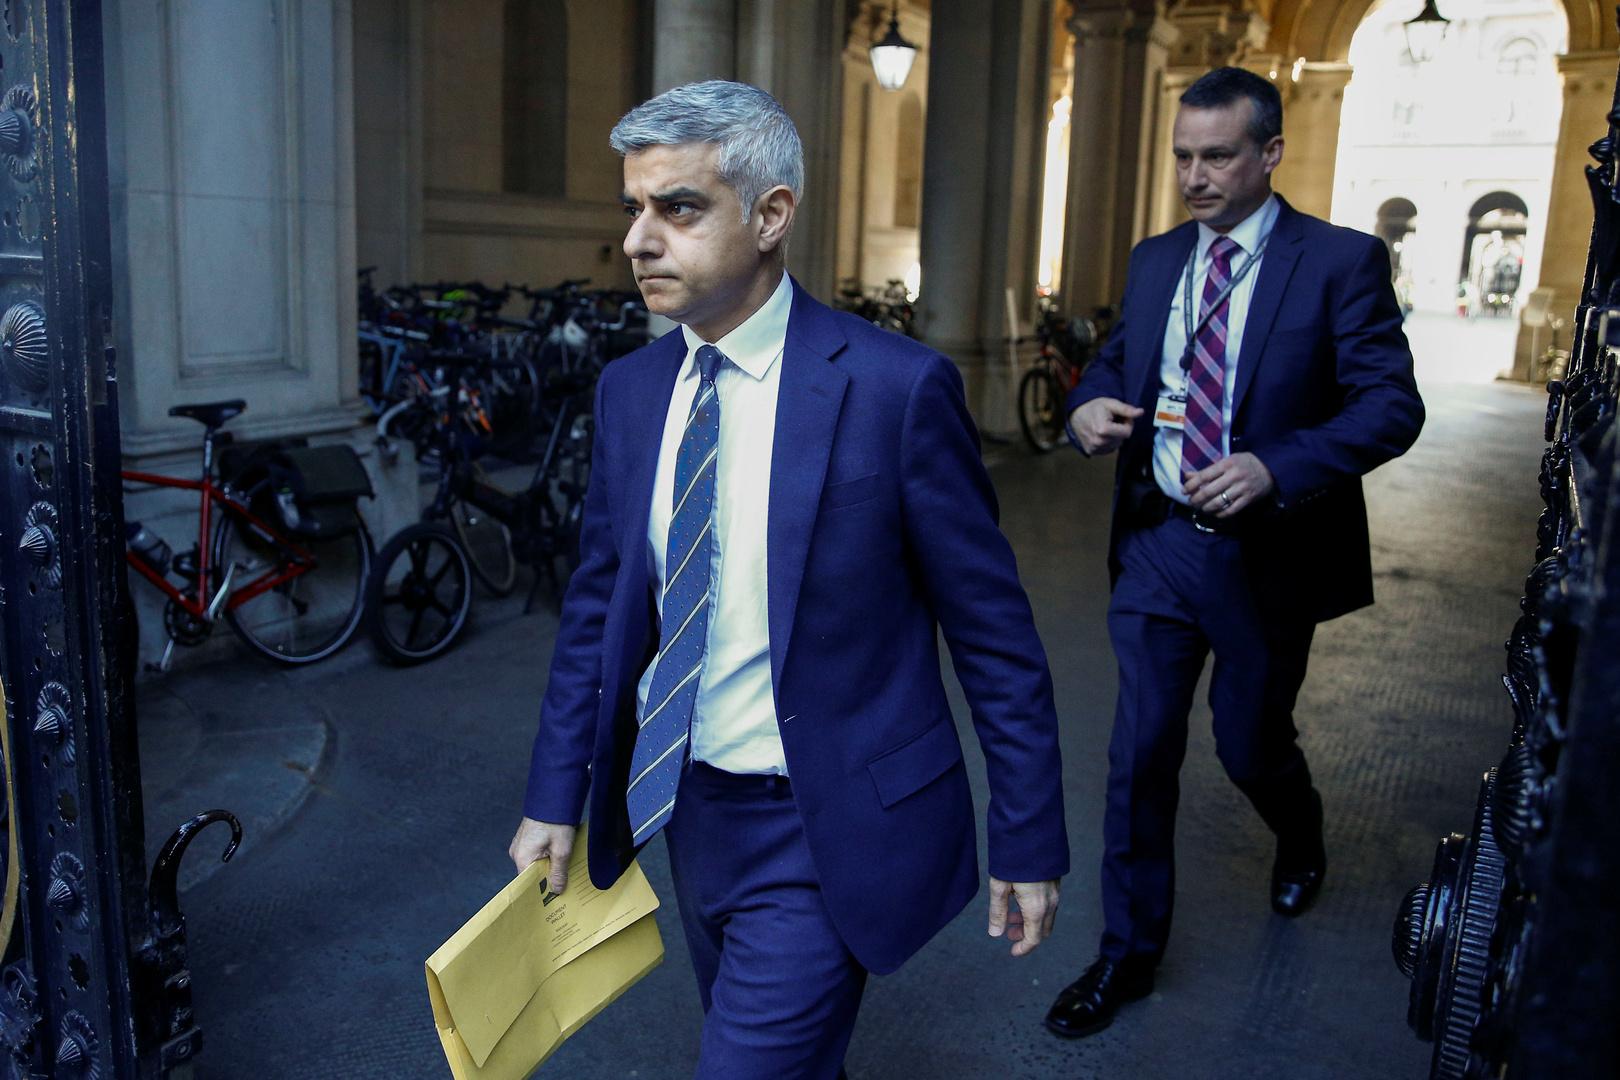 الغارديان: رؤساء بلديات لندن ونيويورك ولوس أنجلوس وباريس يقاطعون قمة سعودية